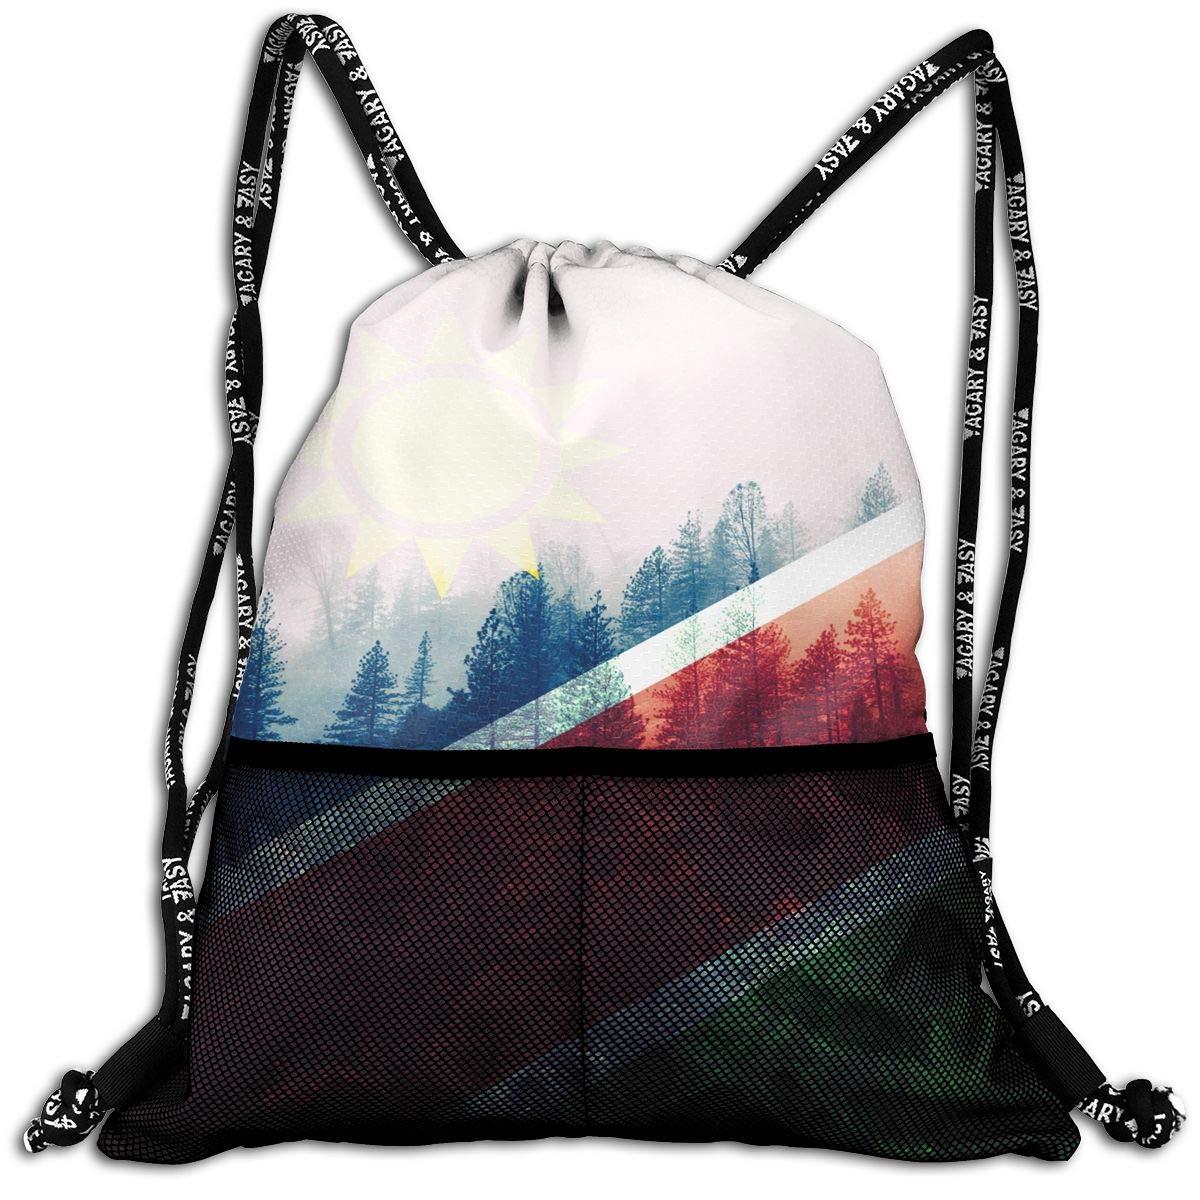 Amazon.com: Namibia bandera con bosque cordón mochila bolsas ...